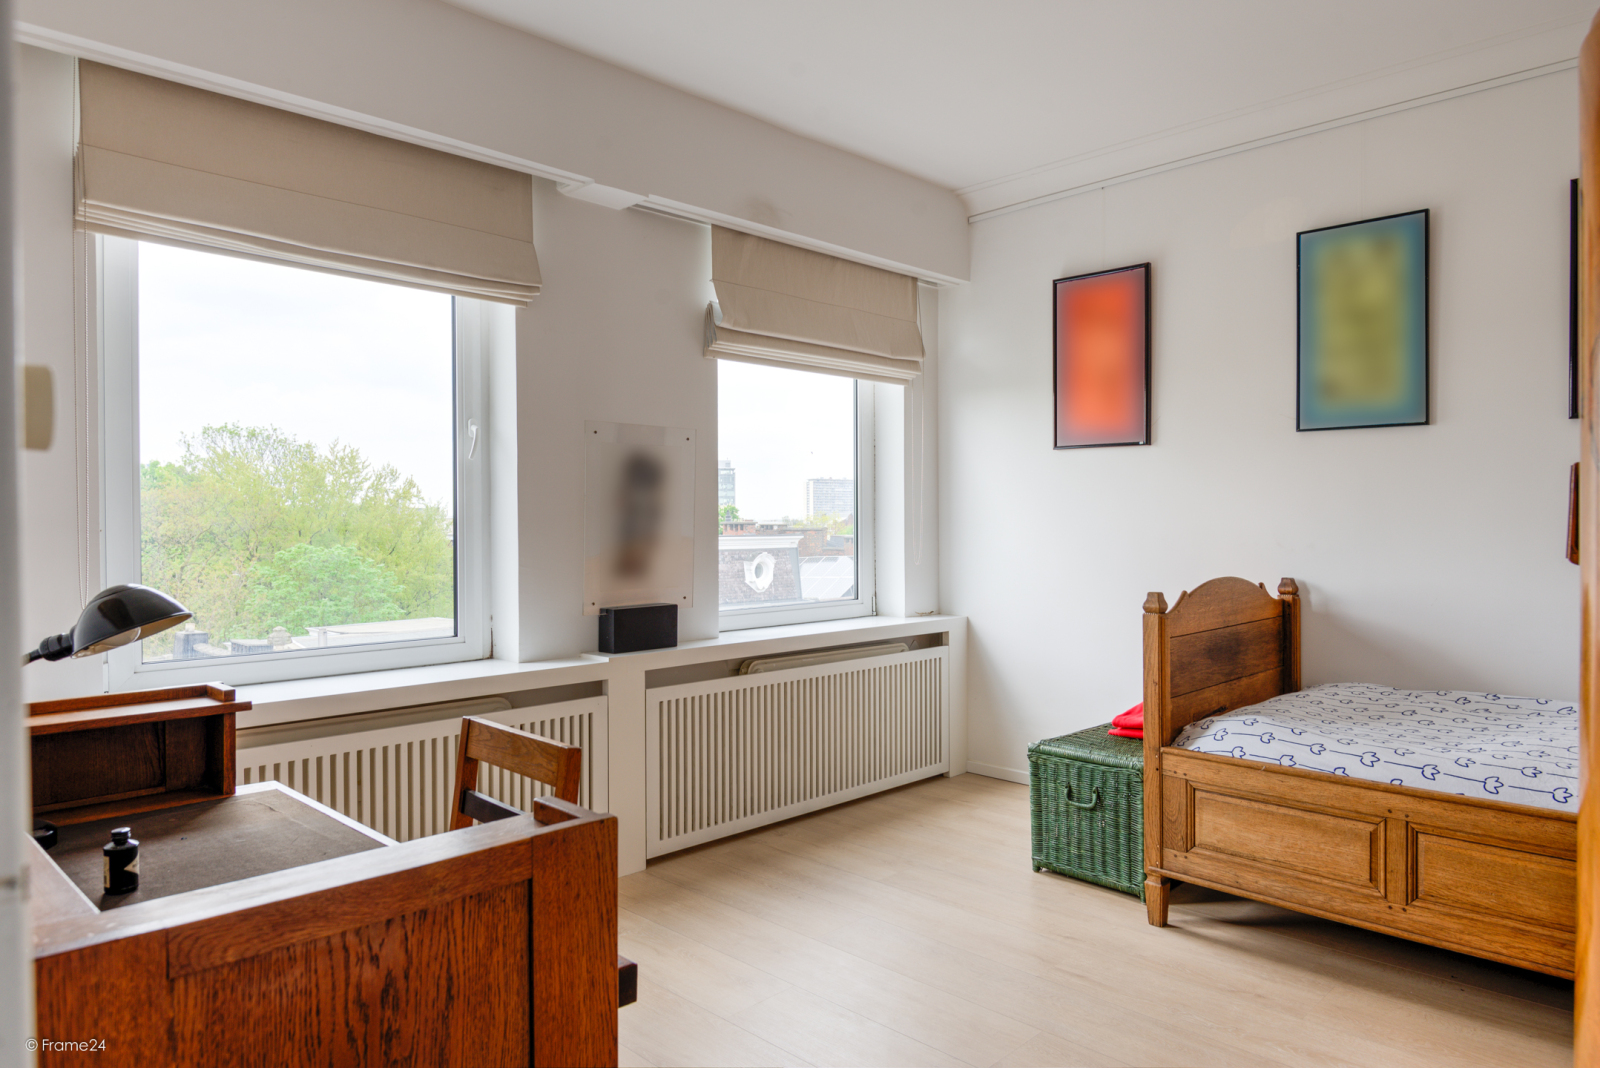 Uitzonderlijk appartement (+/- 250m²) met panoramische uitzichten te Antwerpen! afbeelding 21